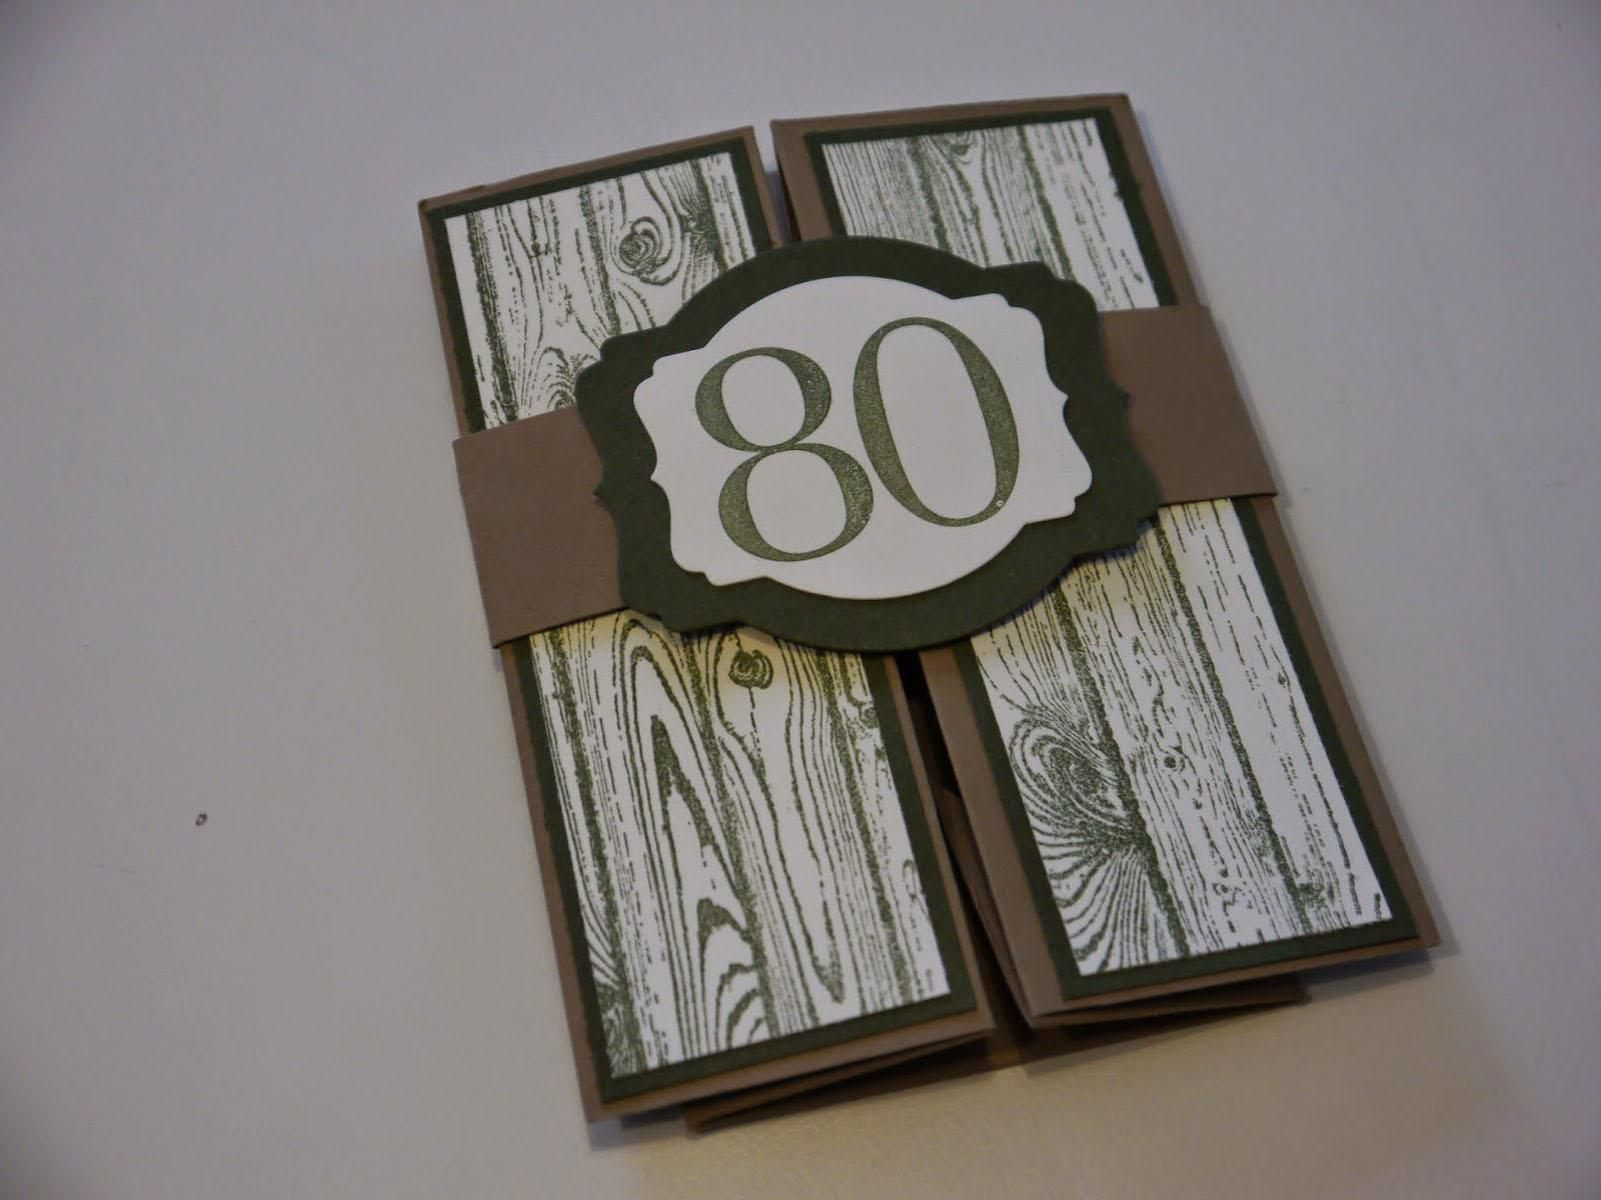 Einladung Geburtstag : Einladung Zum 80 Geburtstag   Geburstag  Einladungskarten   Geburstag Einladungskarten